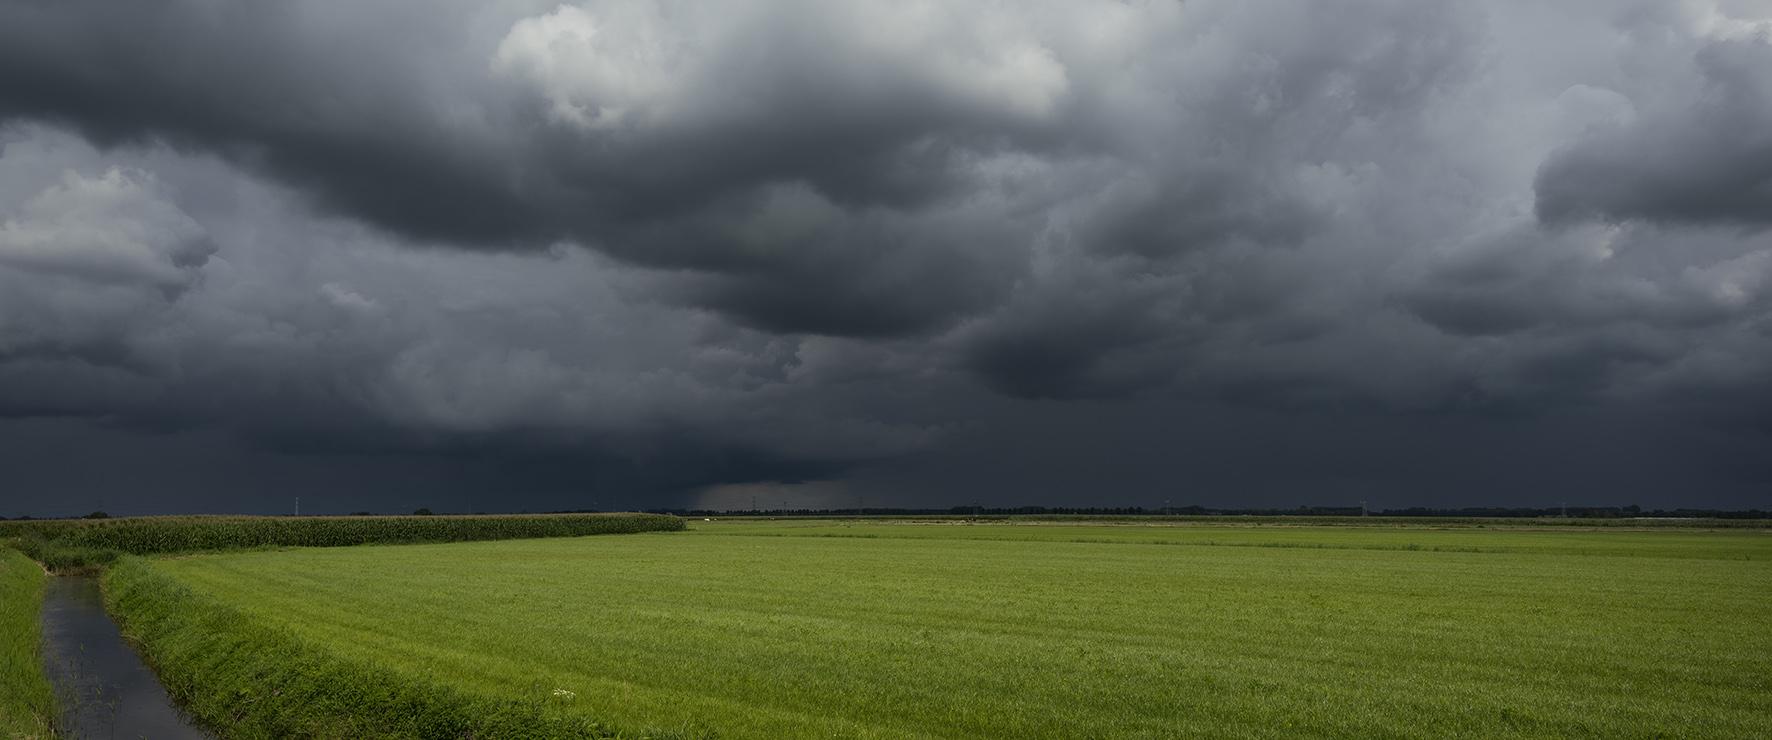 Op deze foto zie je heftig onweer